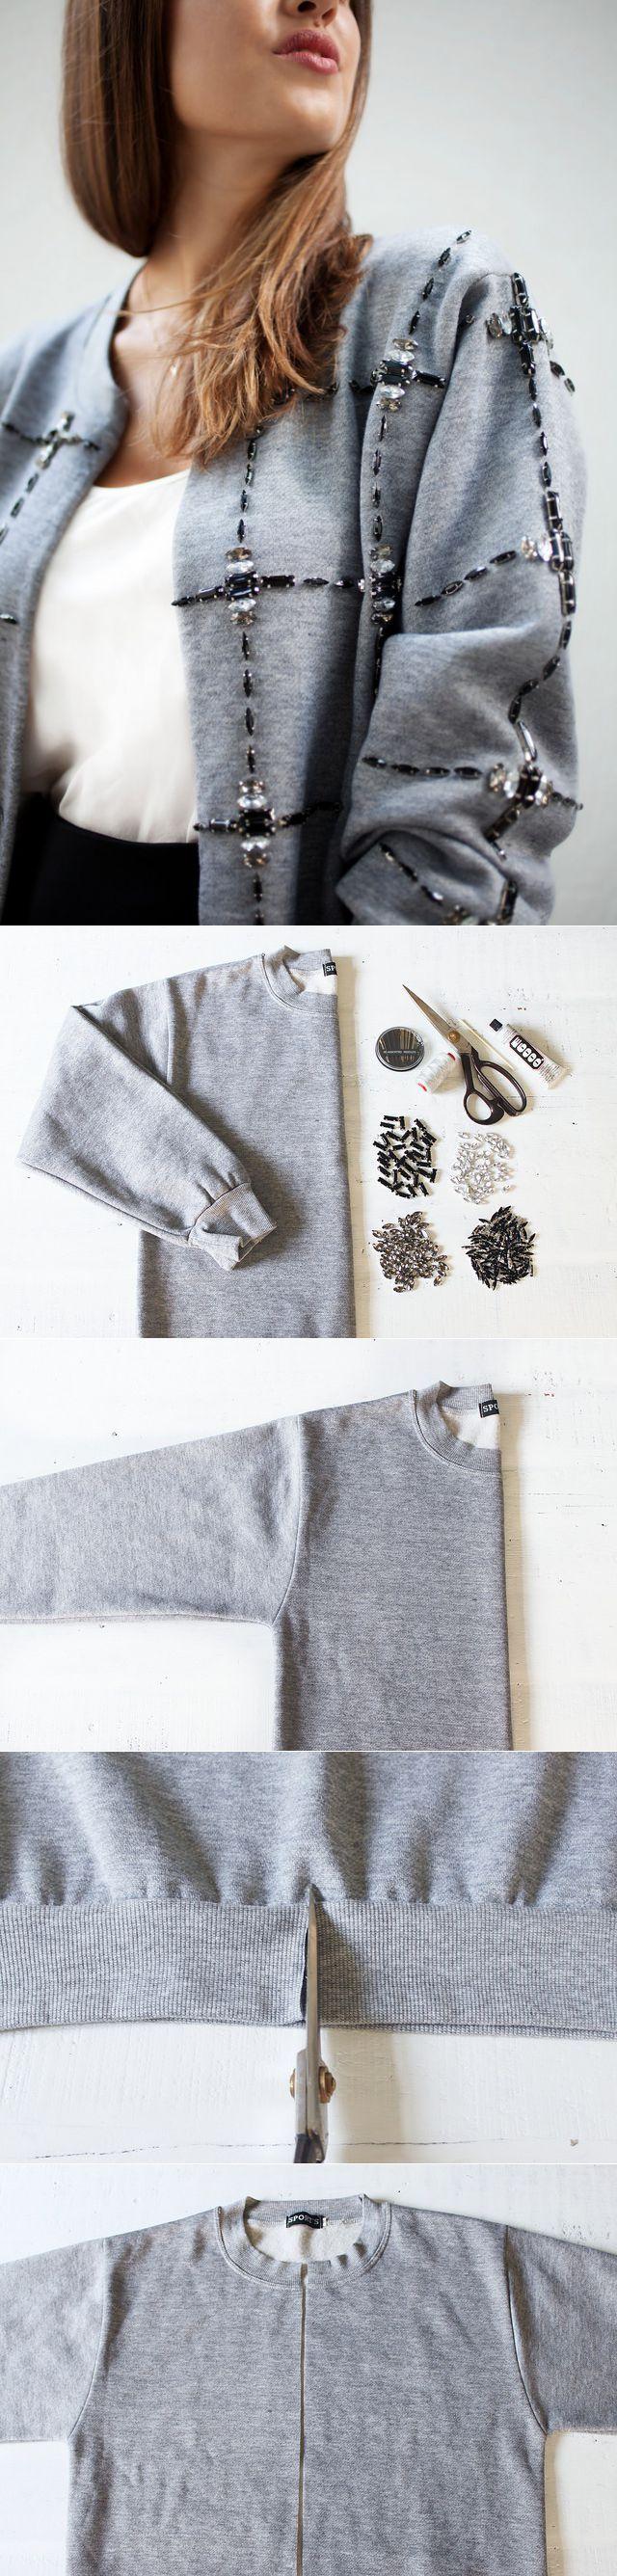 Что можно сделать из старой одежды. Интересные вещи своими руками.  Переделка старой одежды в новую своими руками мастер класс на фото. ae80ab6201f